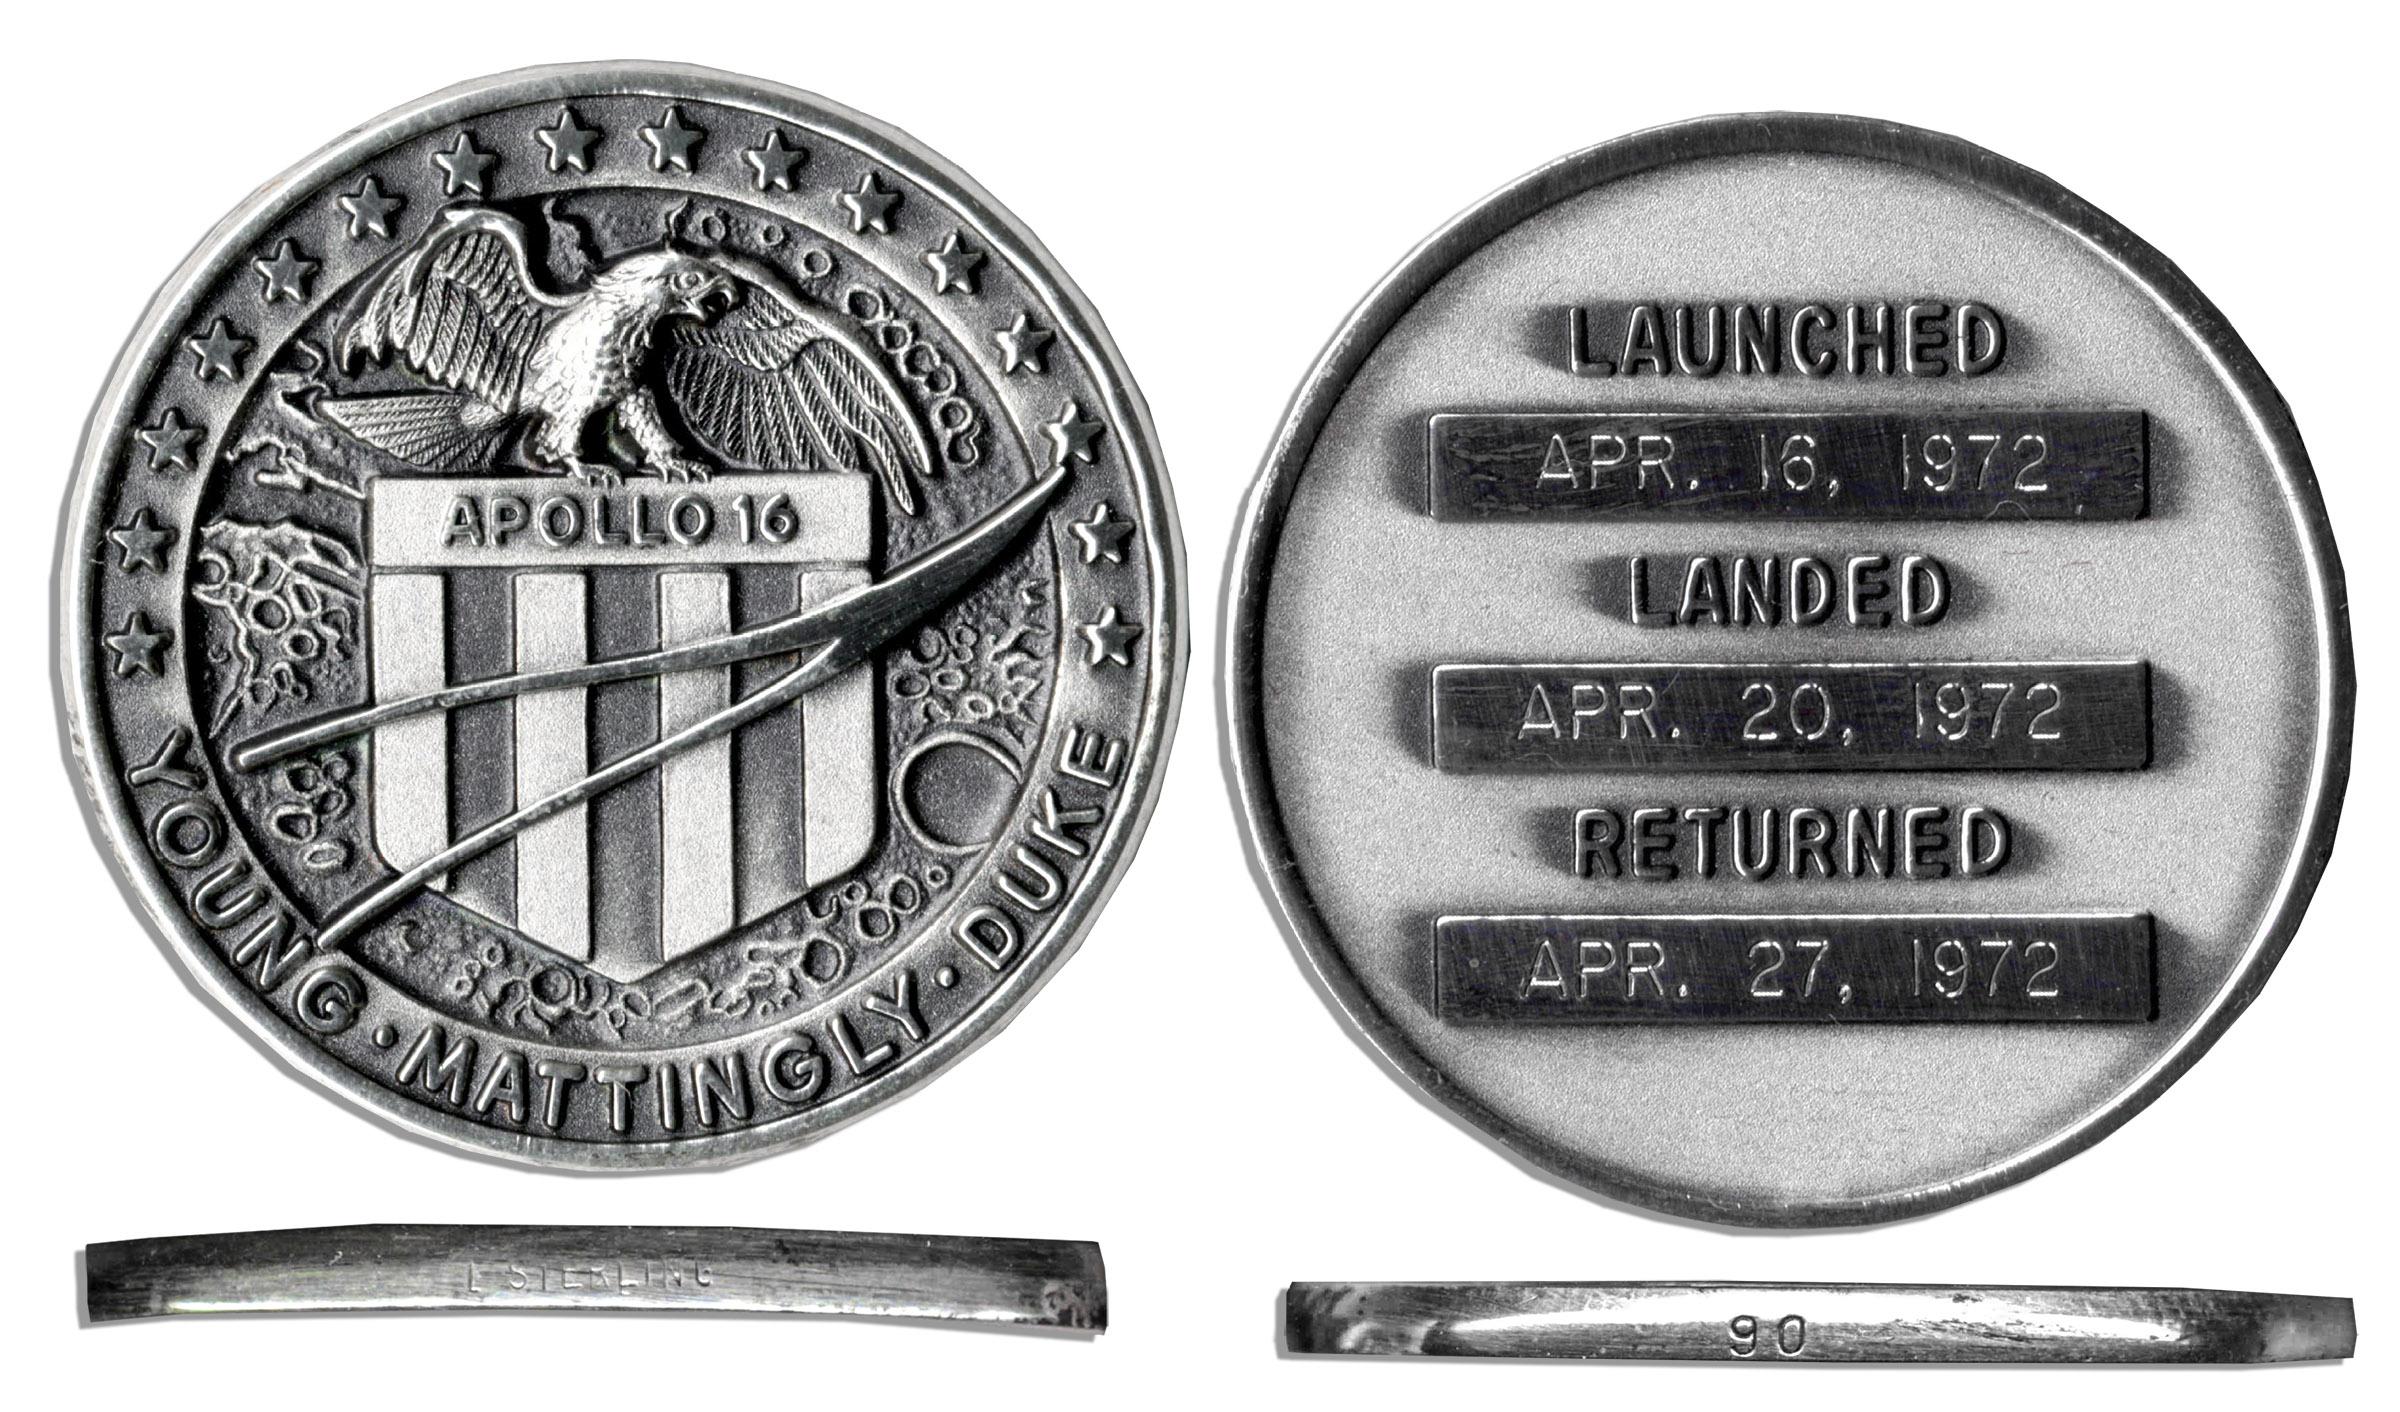 Apollo 16 Flown